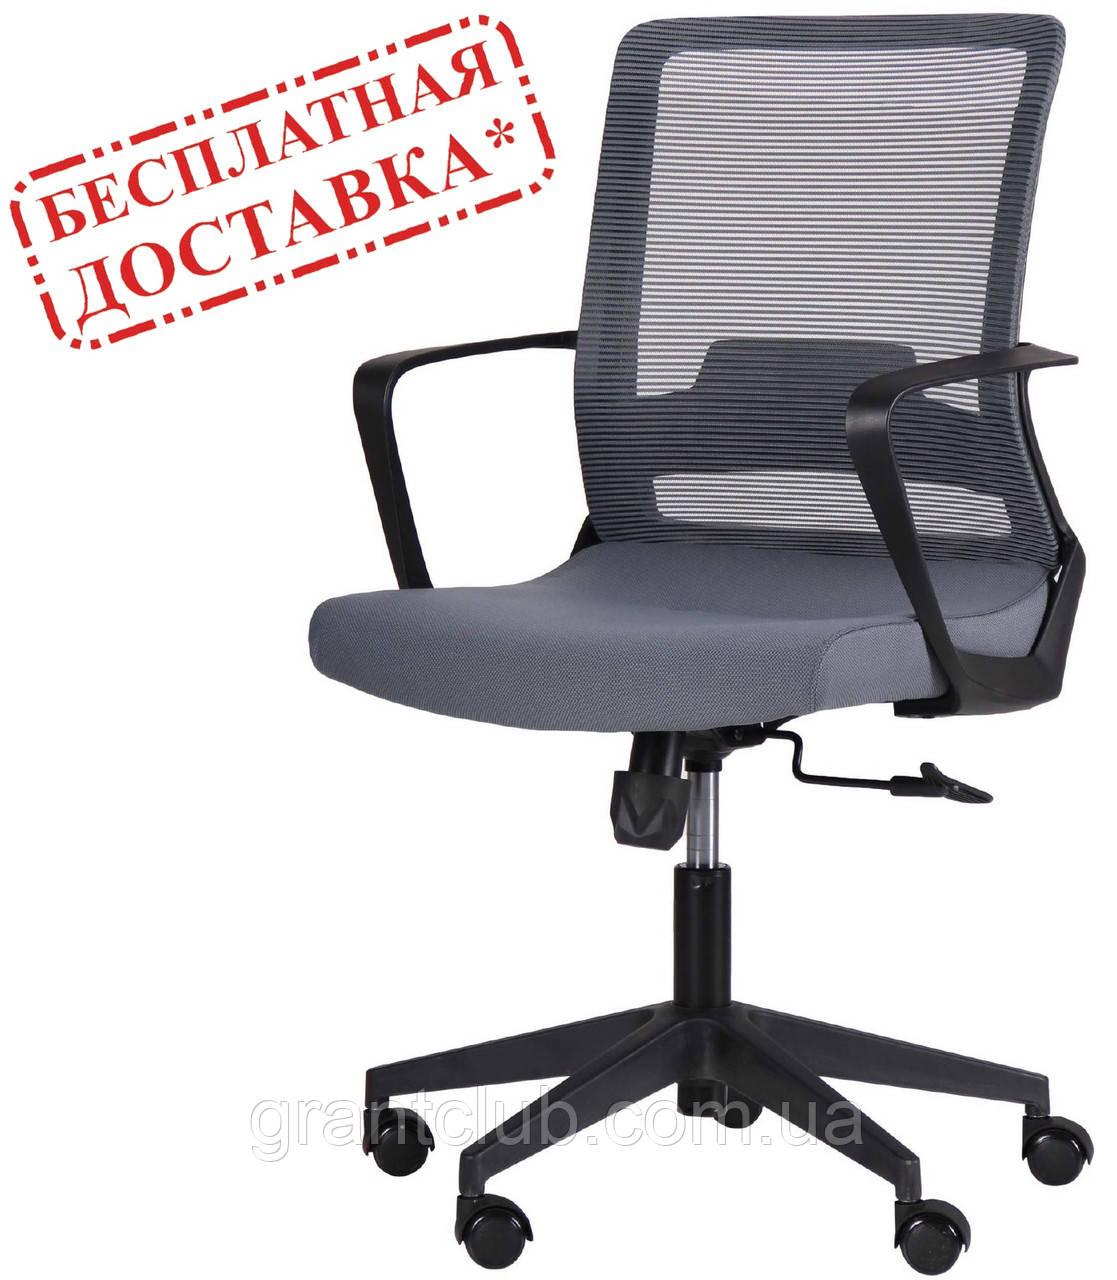 Кресло офисное на колесах ARGON LB серый AMF (бесплатная адресная доставка)